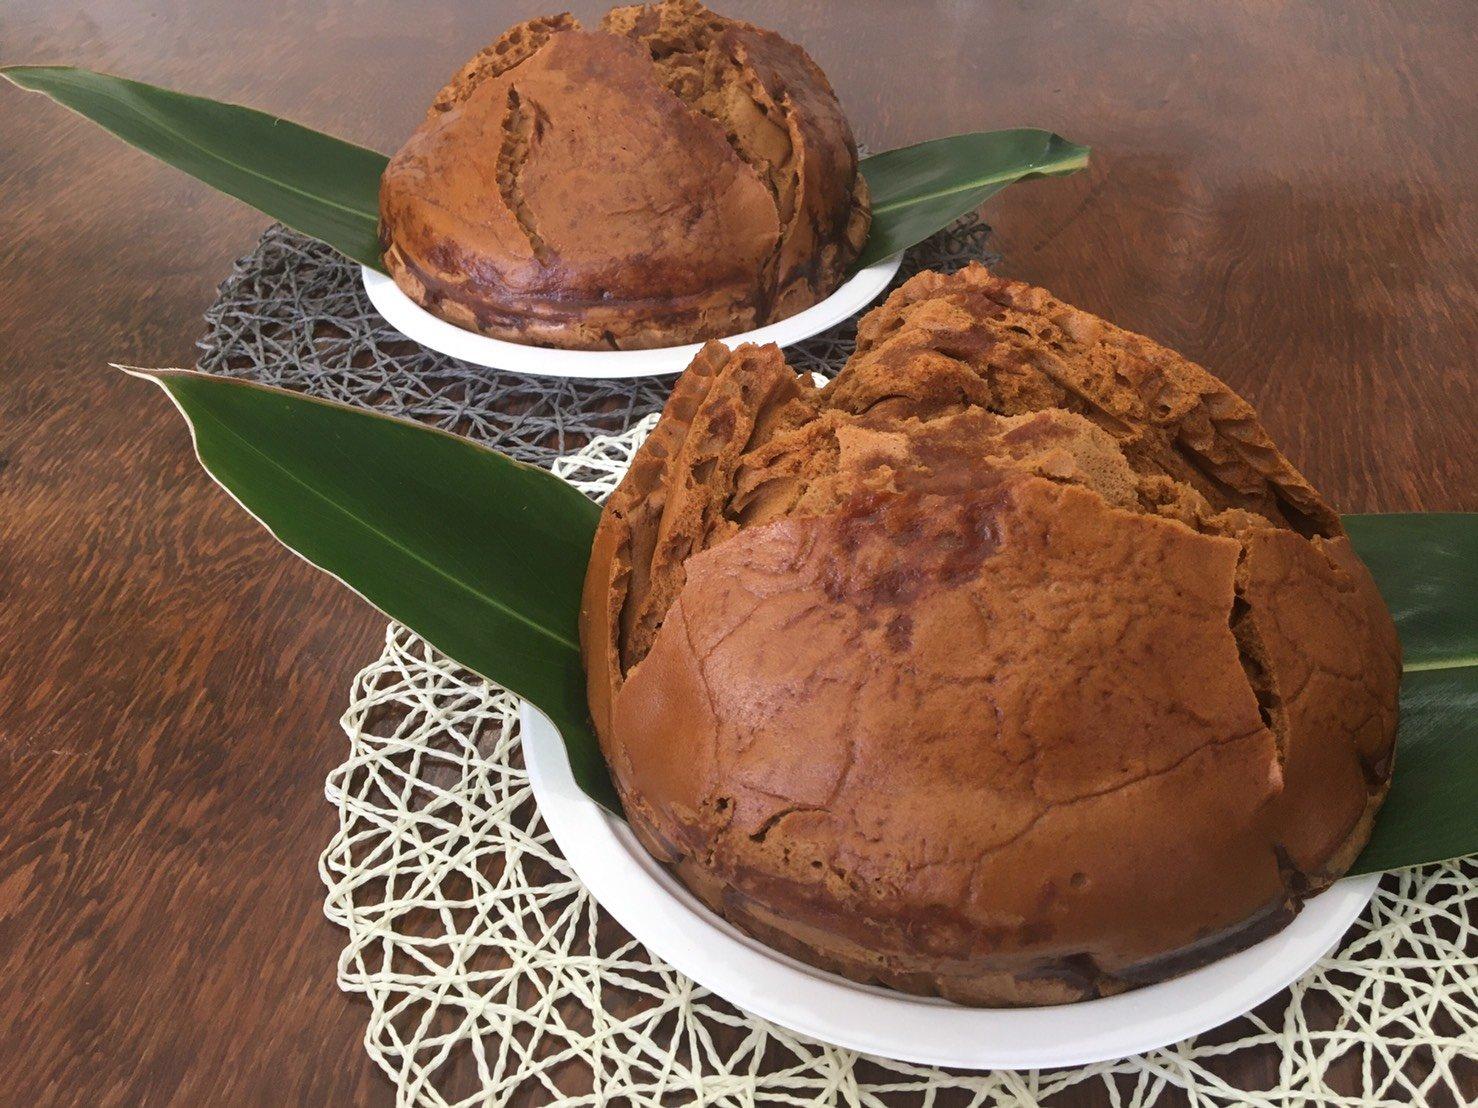 沖縄の伝統菓子アガラサー「琉球シフォンケーキ」のイメージその1